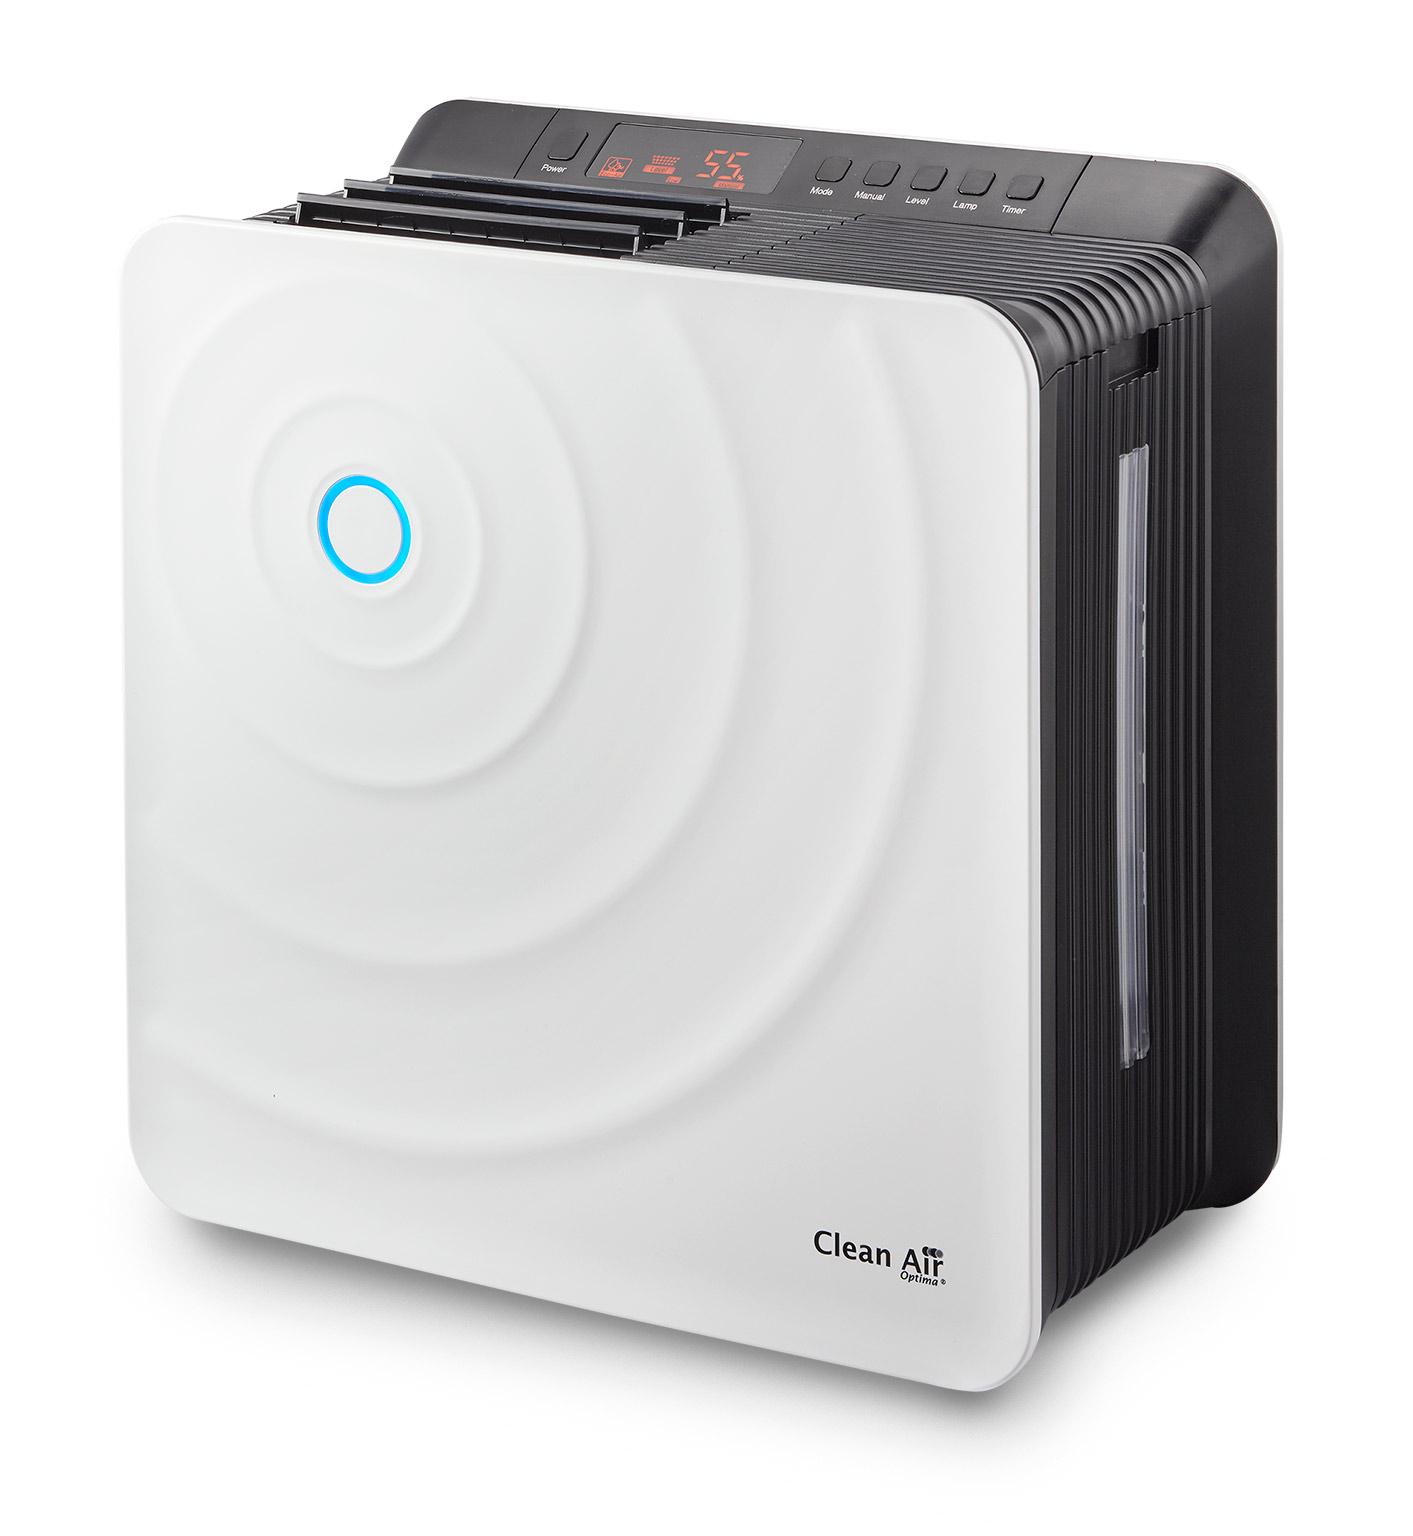 Air purifiers air purification air cleaner home air purifiers air #03A0C8